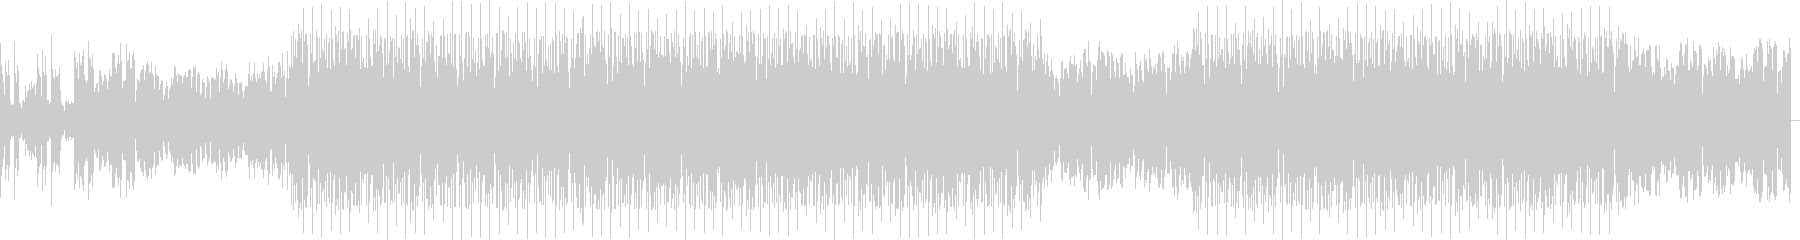 bpm092 ボコーダーEDMエレクトロの未再生の波形